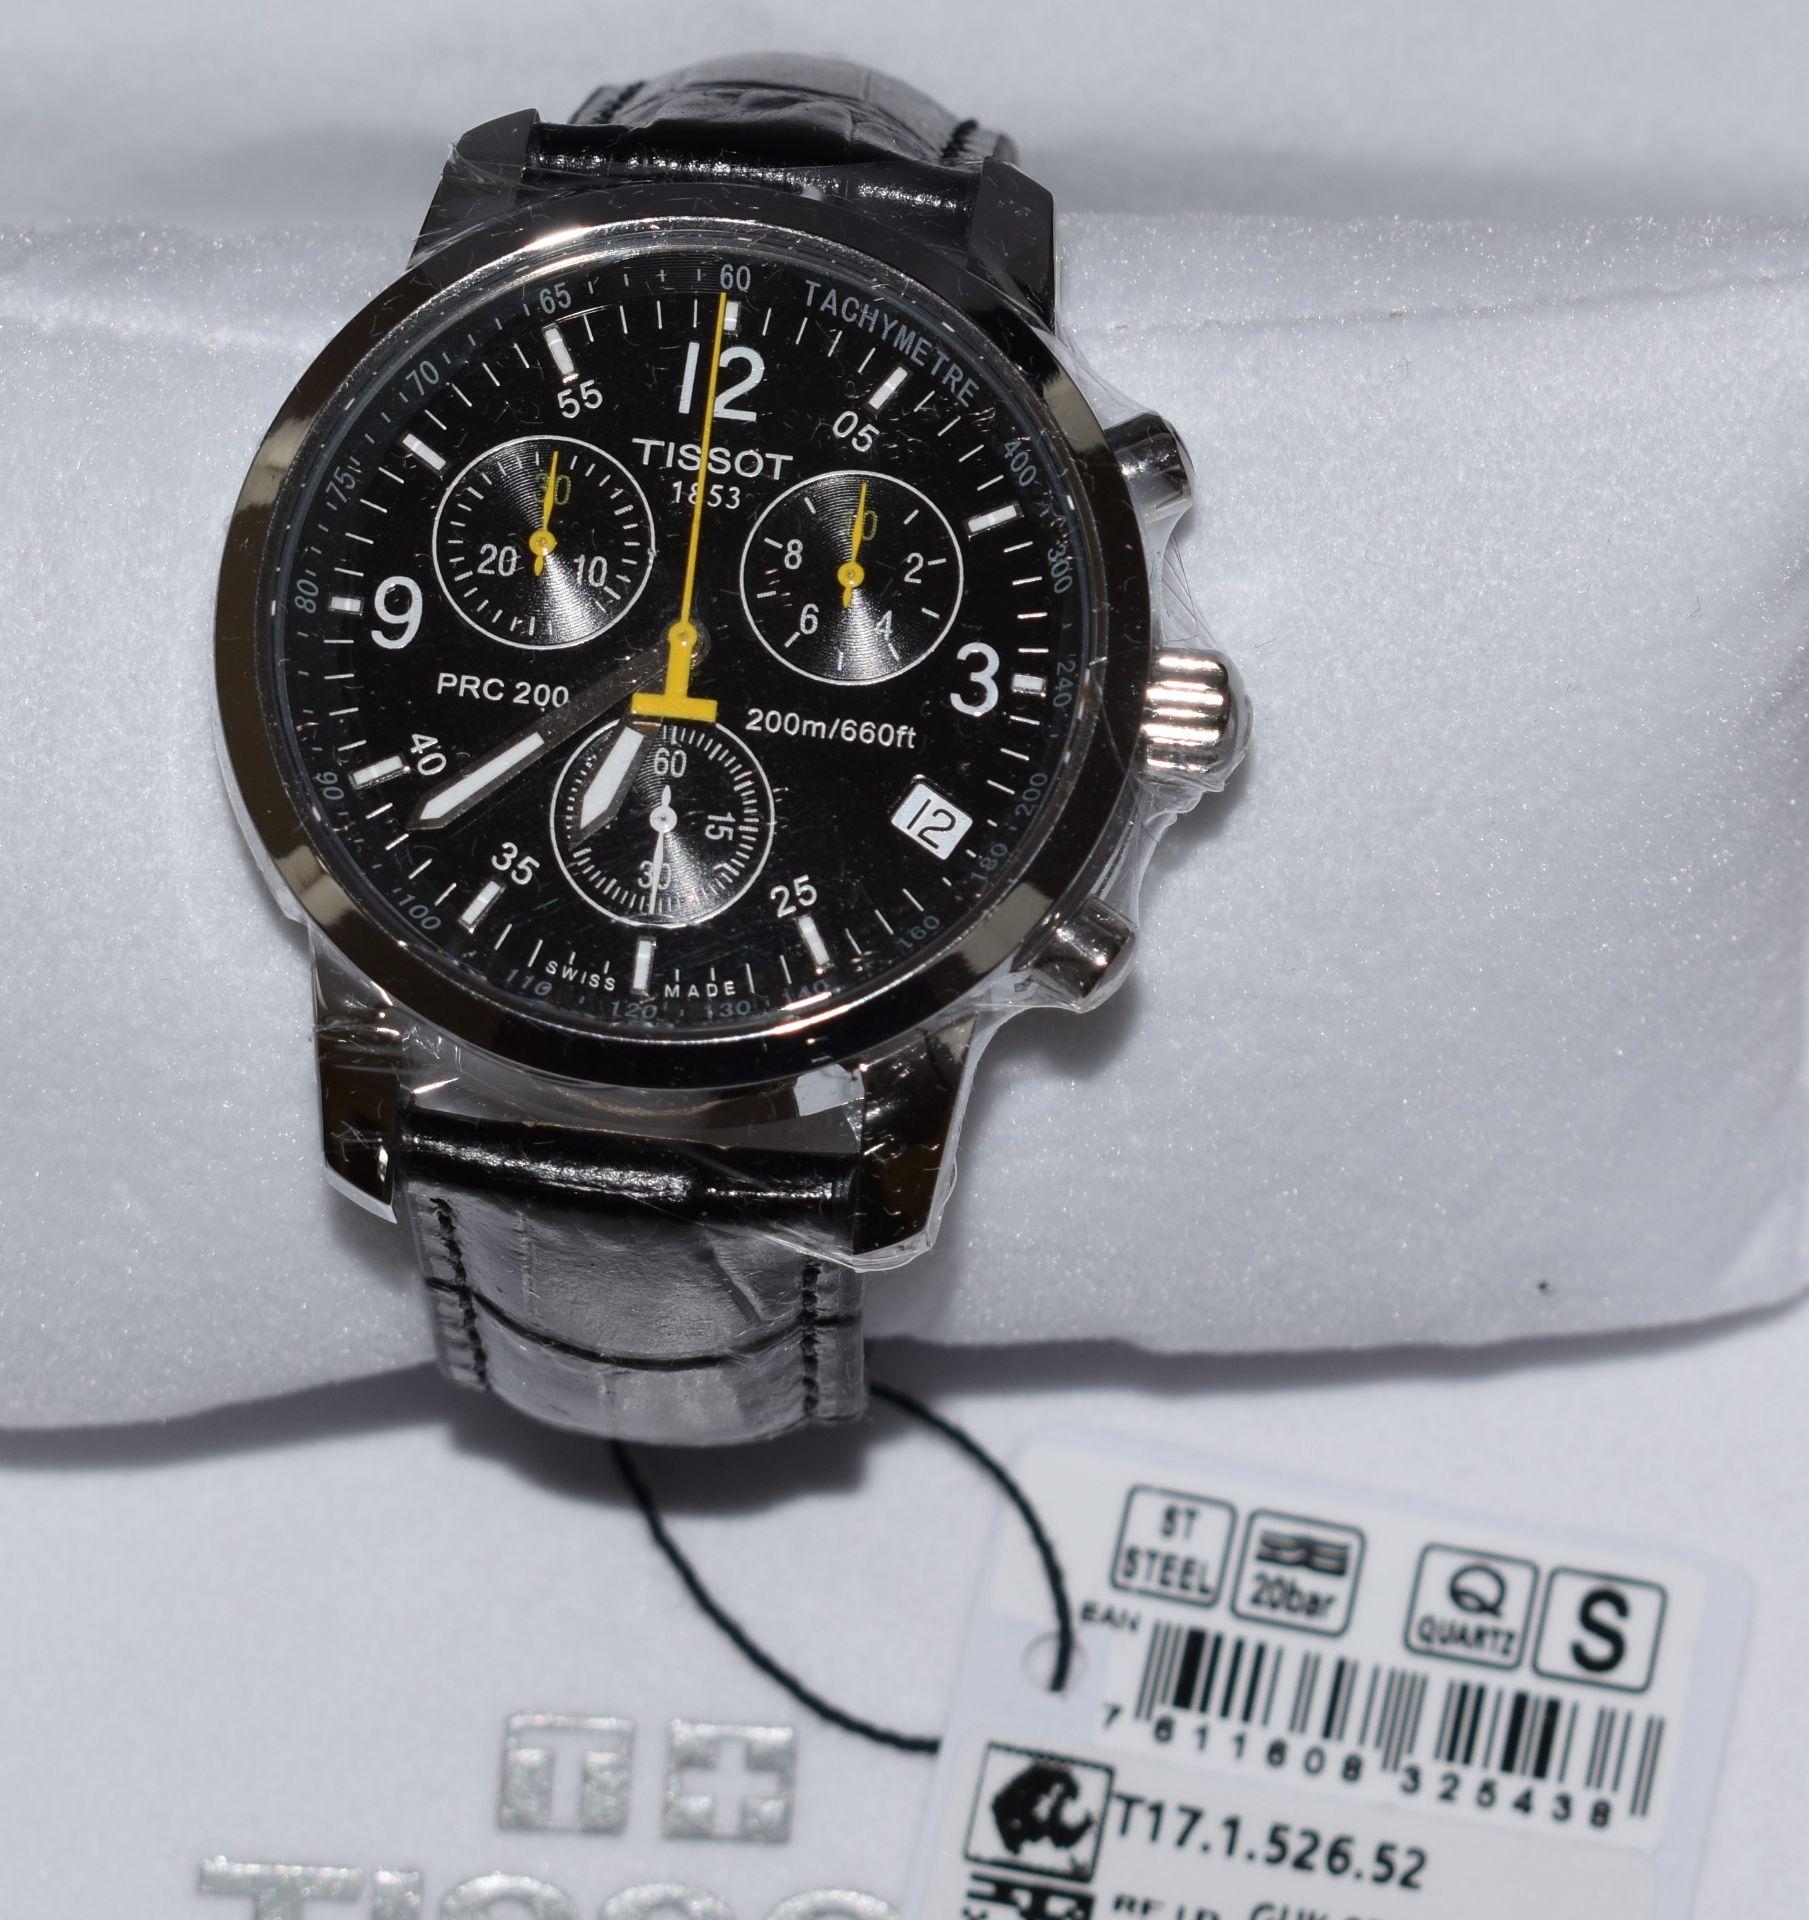 Tissot Men's Watch T17.526.52 - Image 2 of 3